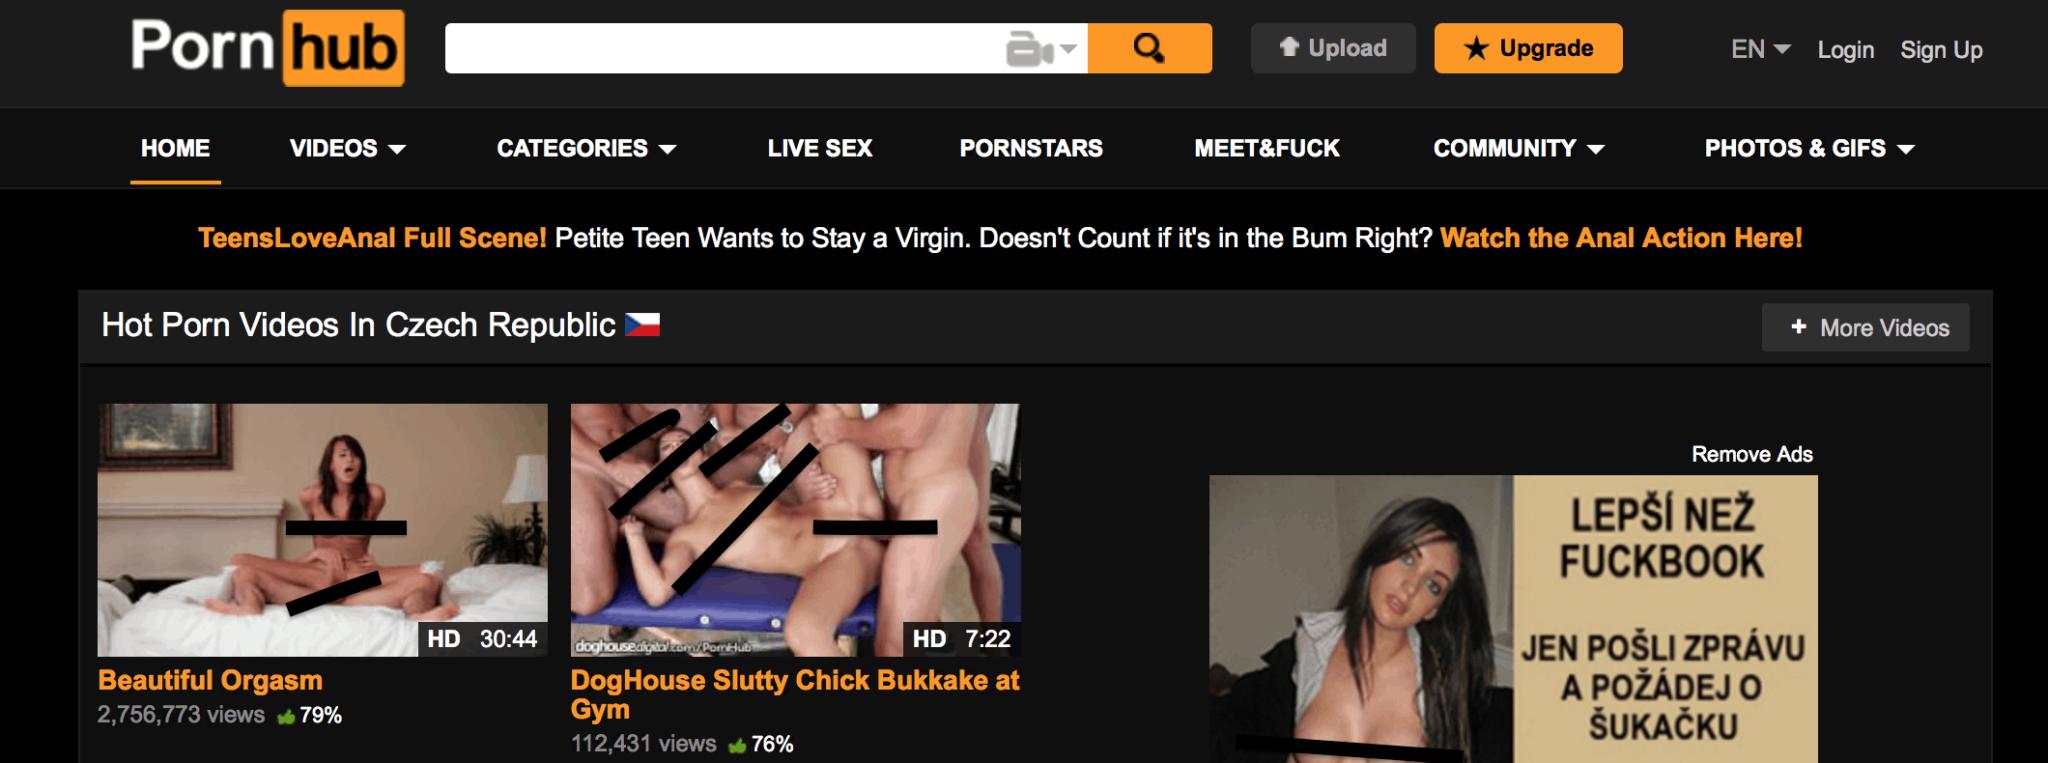 www pornhub porn cz